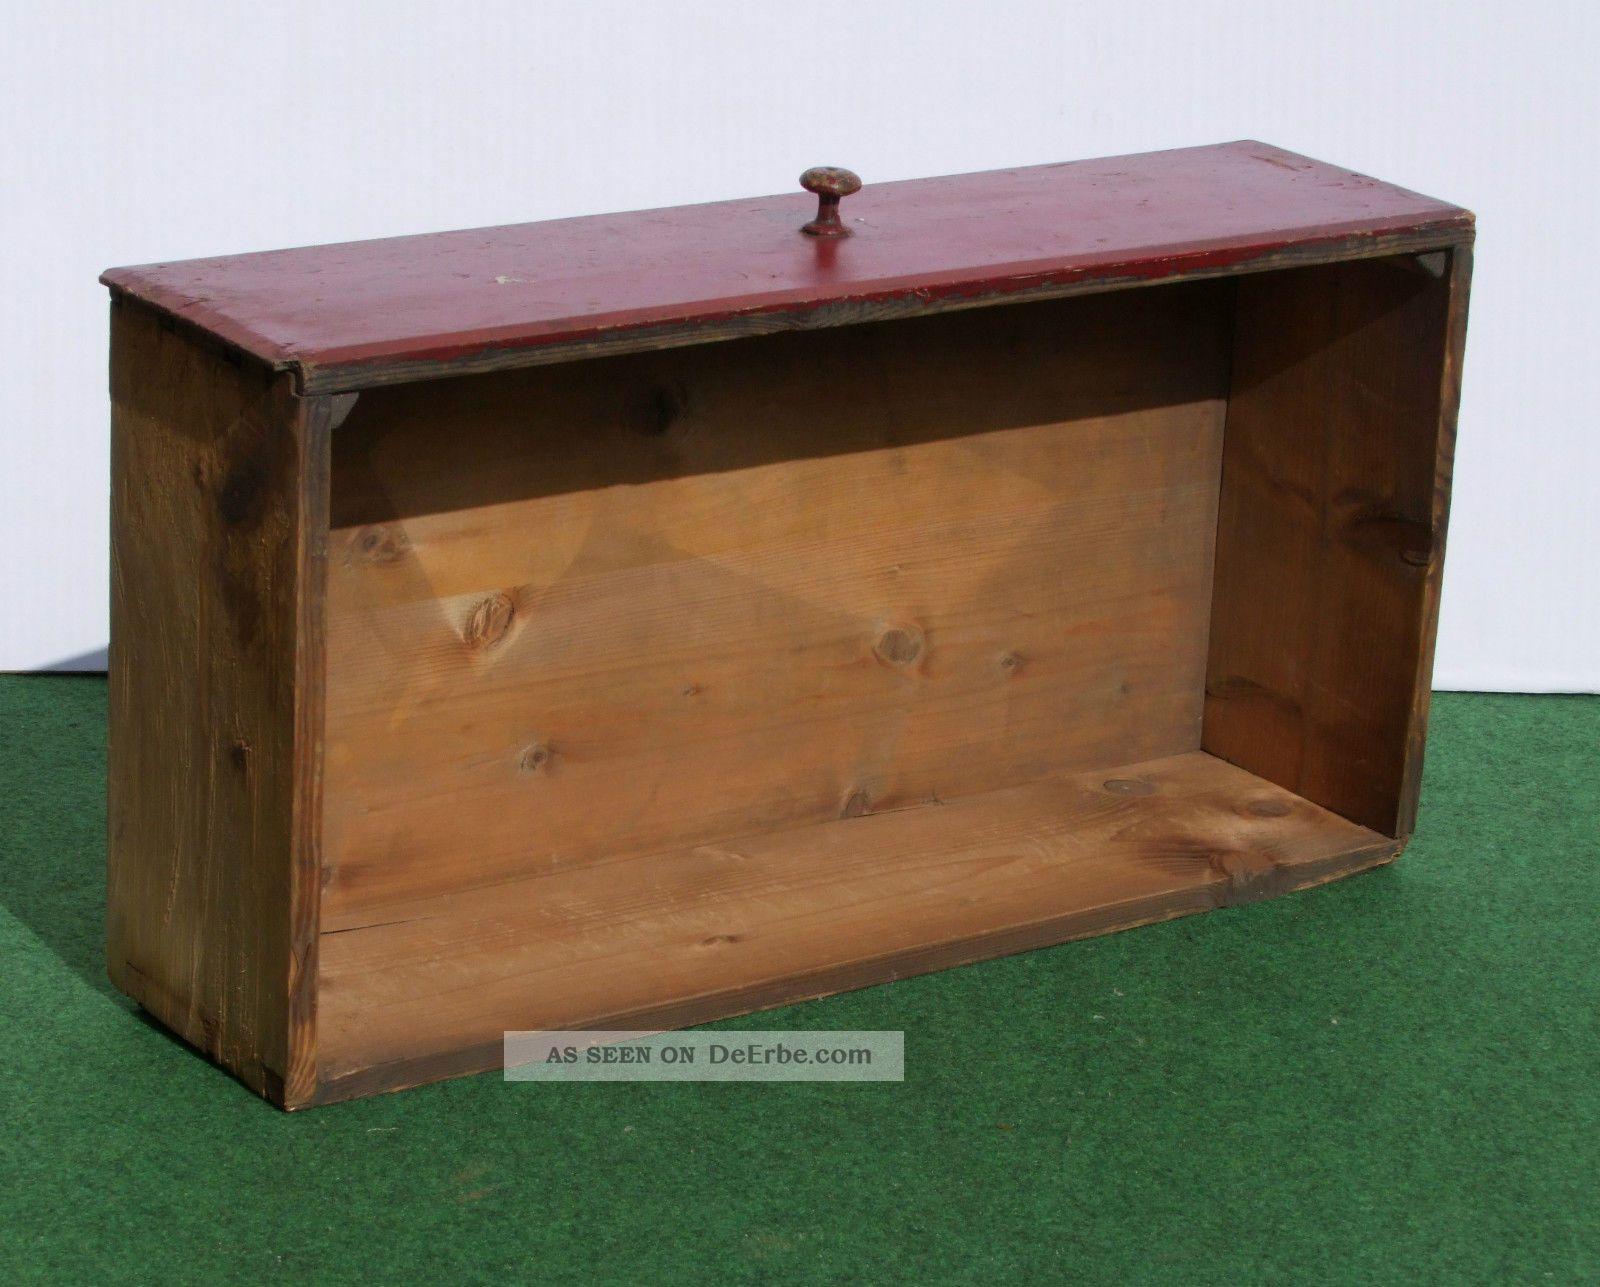 Sehr Alter Holzkasten,  Schubkasten,  Schublade Shabby Chic Dachbodenfund Kaufleute & Krämer Bild